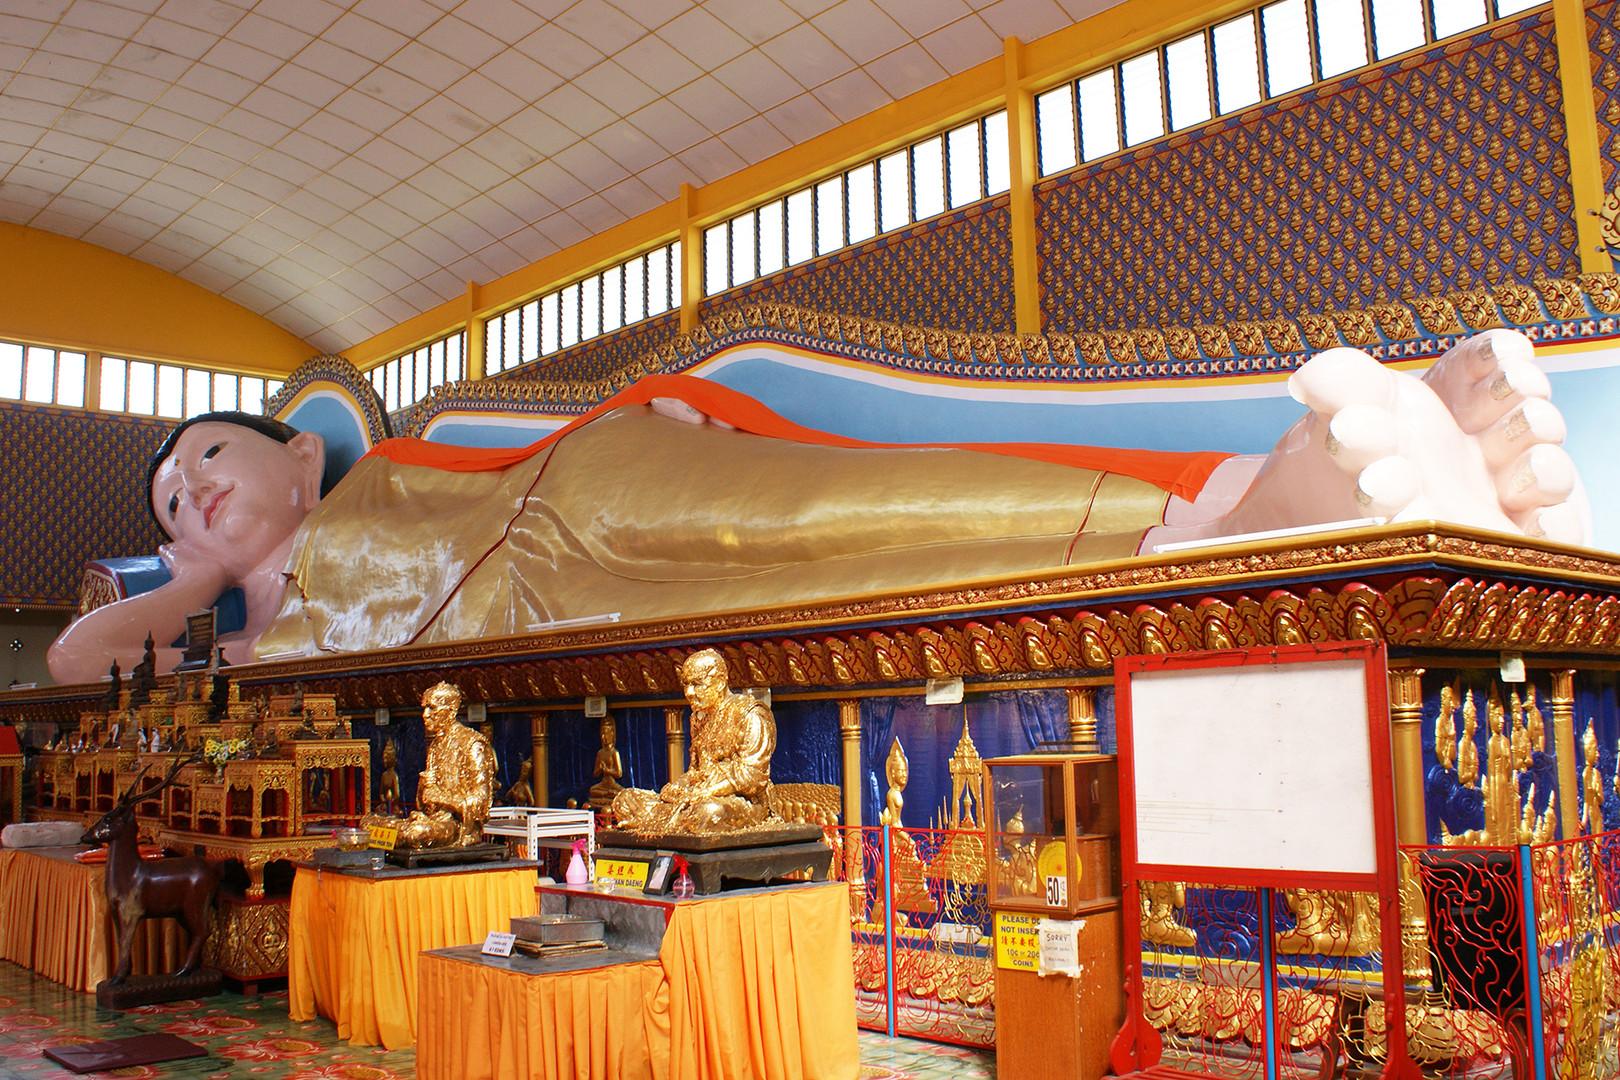 Penang Reclining Buddha